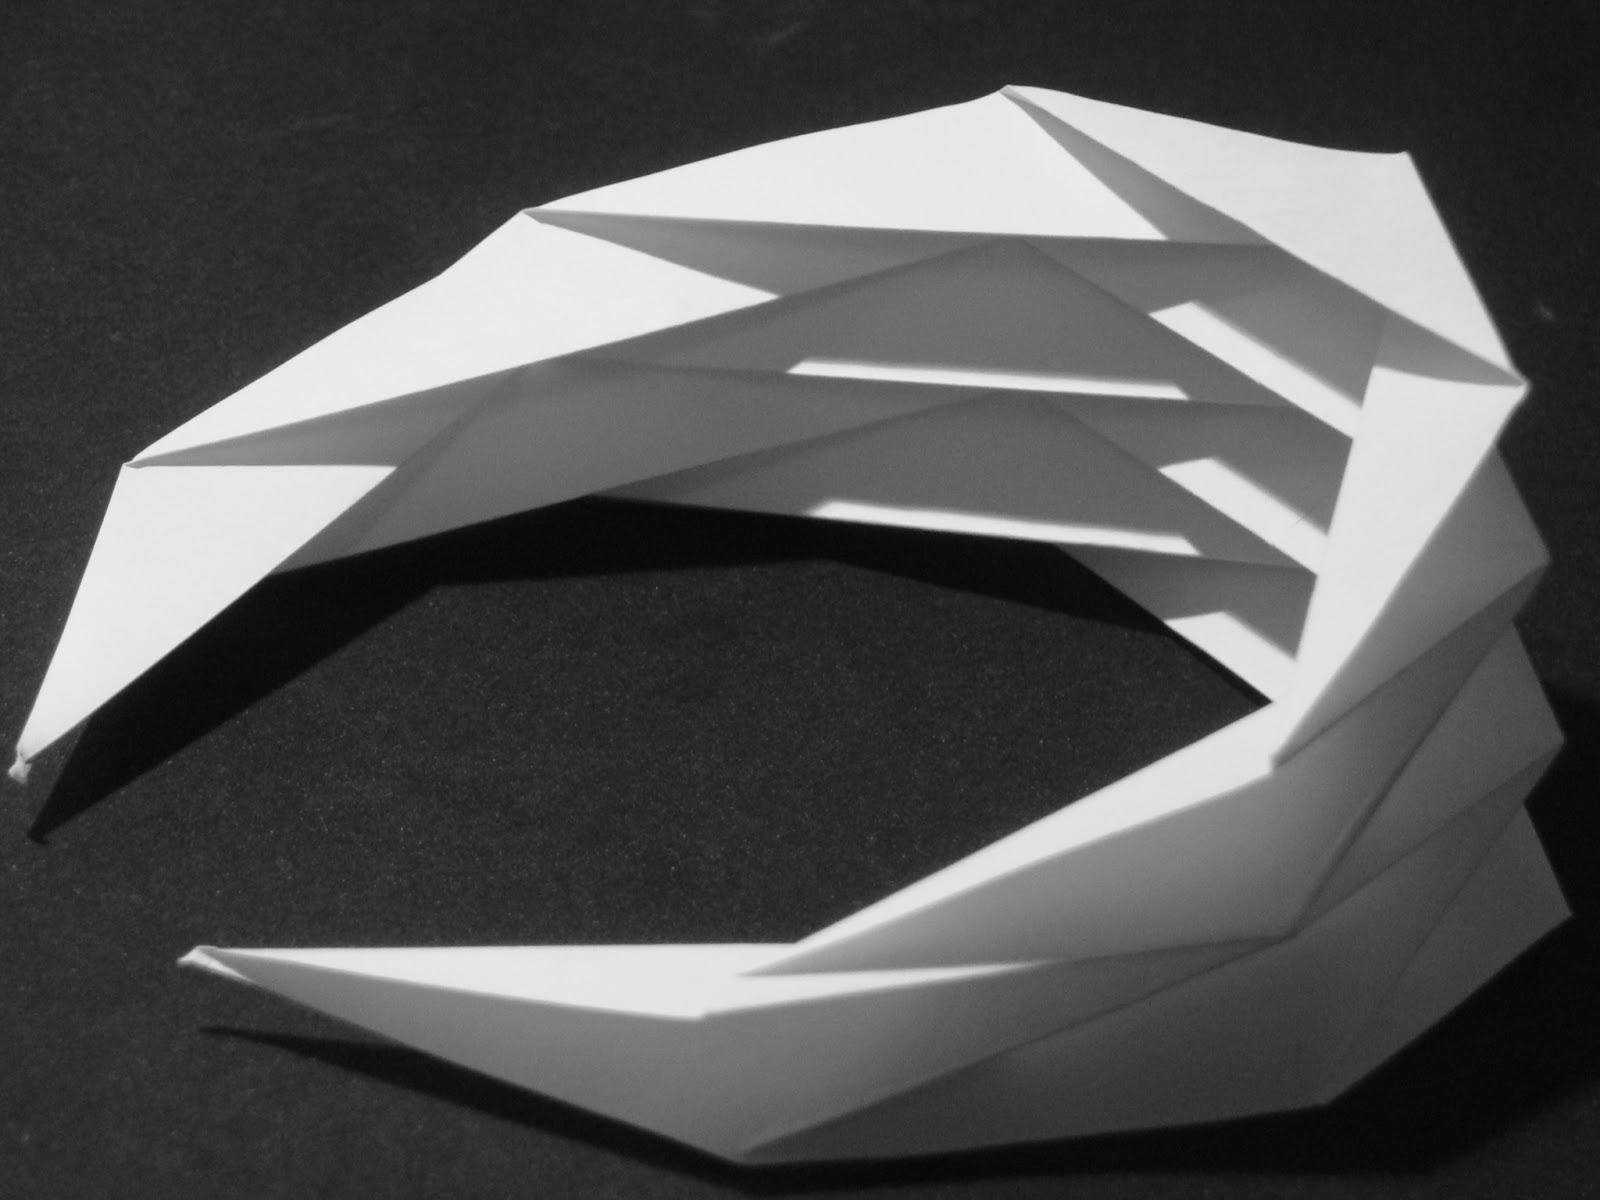 bobine rebelotte pliage papier techniques folding paper techniques. Black Bedroom Furniture Sets. Home Design Ideas